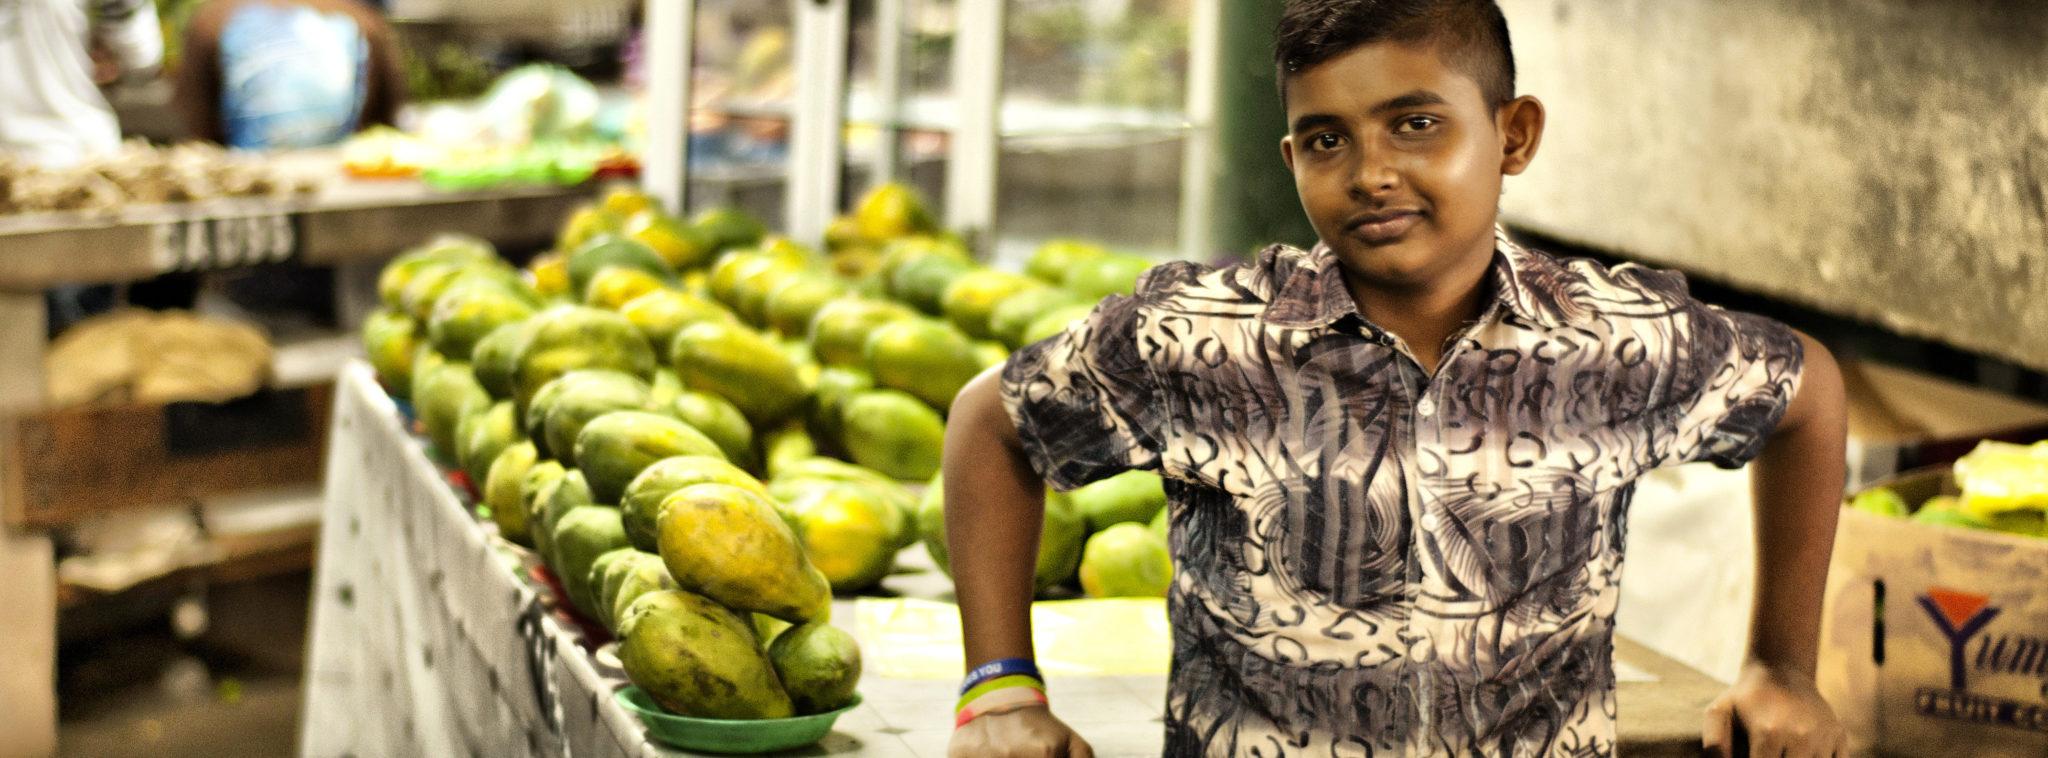 Fidschi-Reisetipps-Papayas-Slider